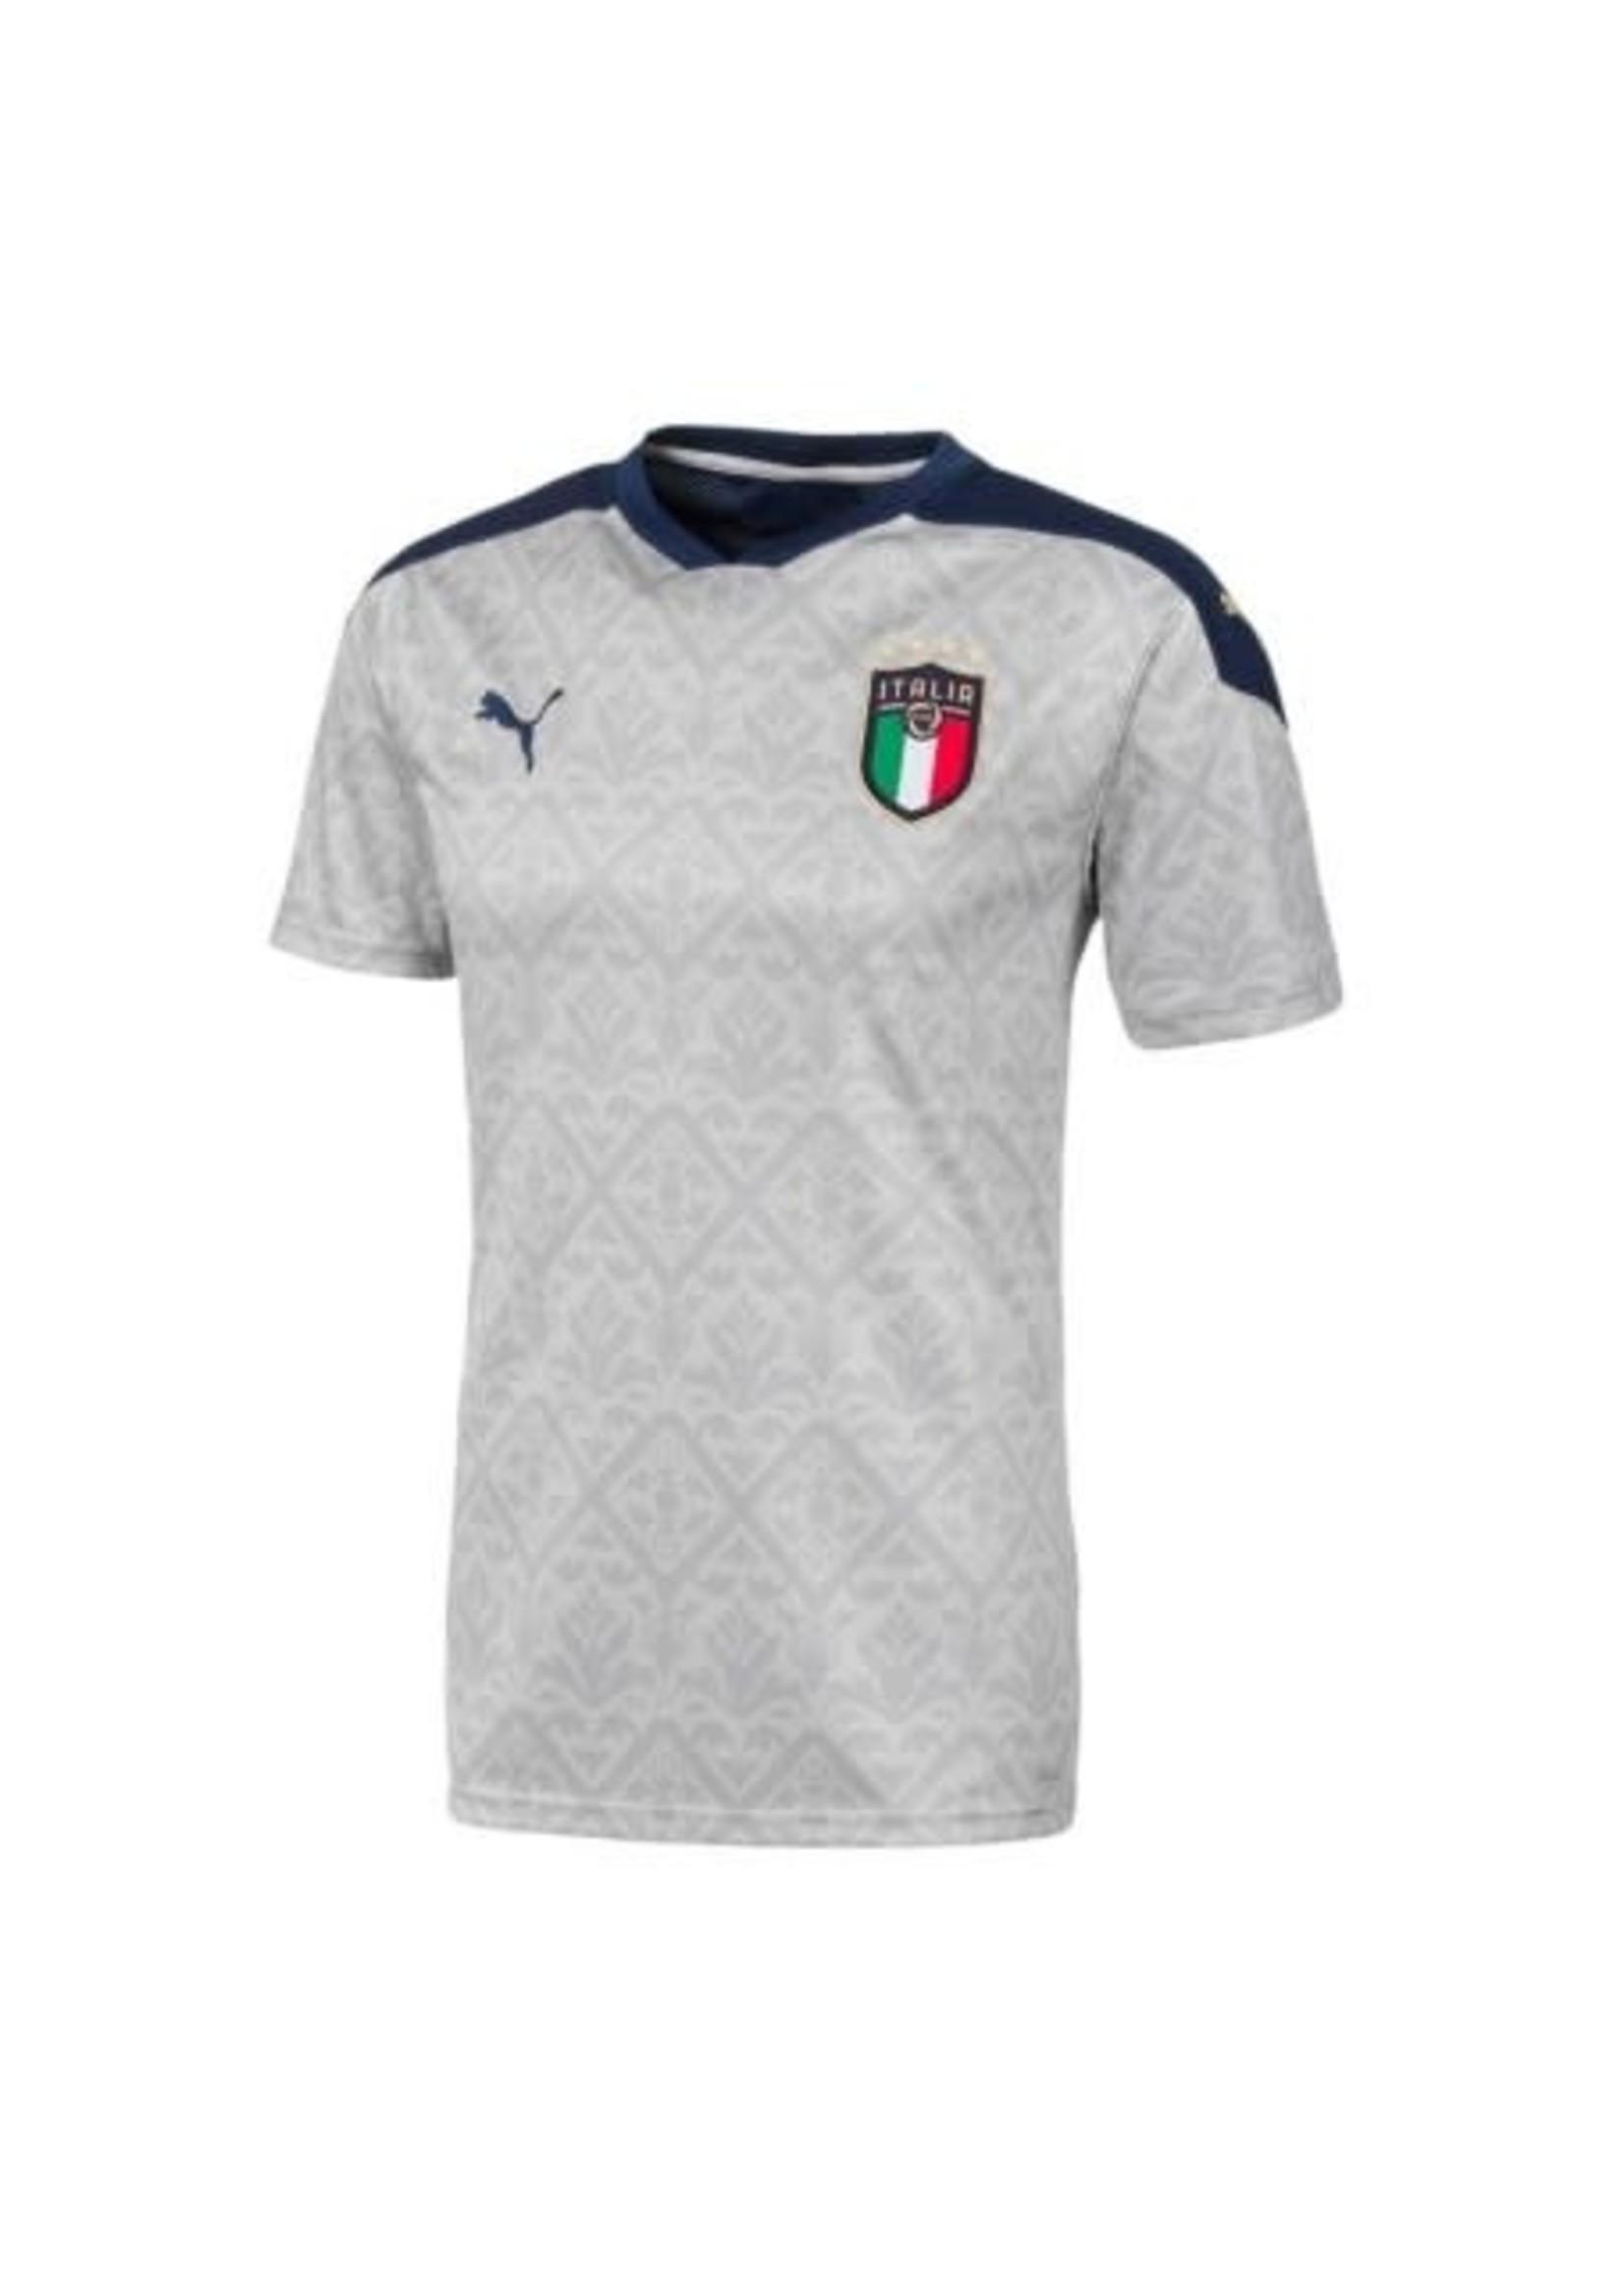 Puma ITALY GK JERSEY